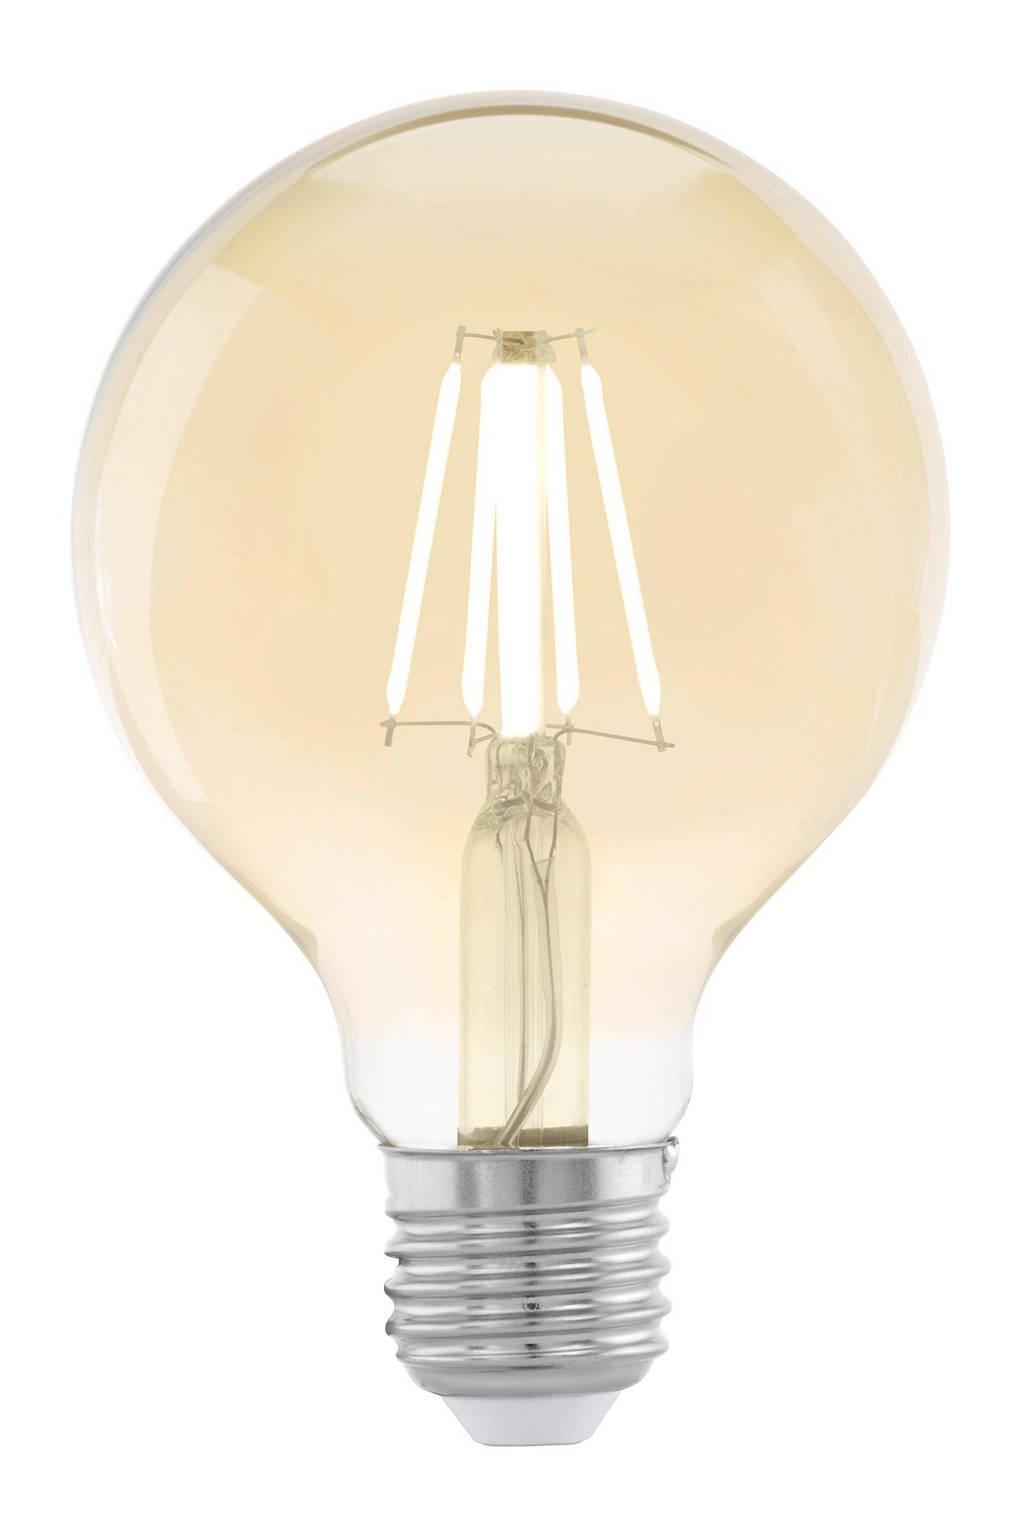 Eglo LED lamp S (4W E27)